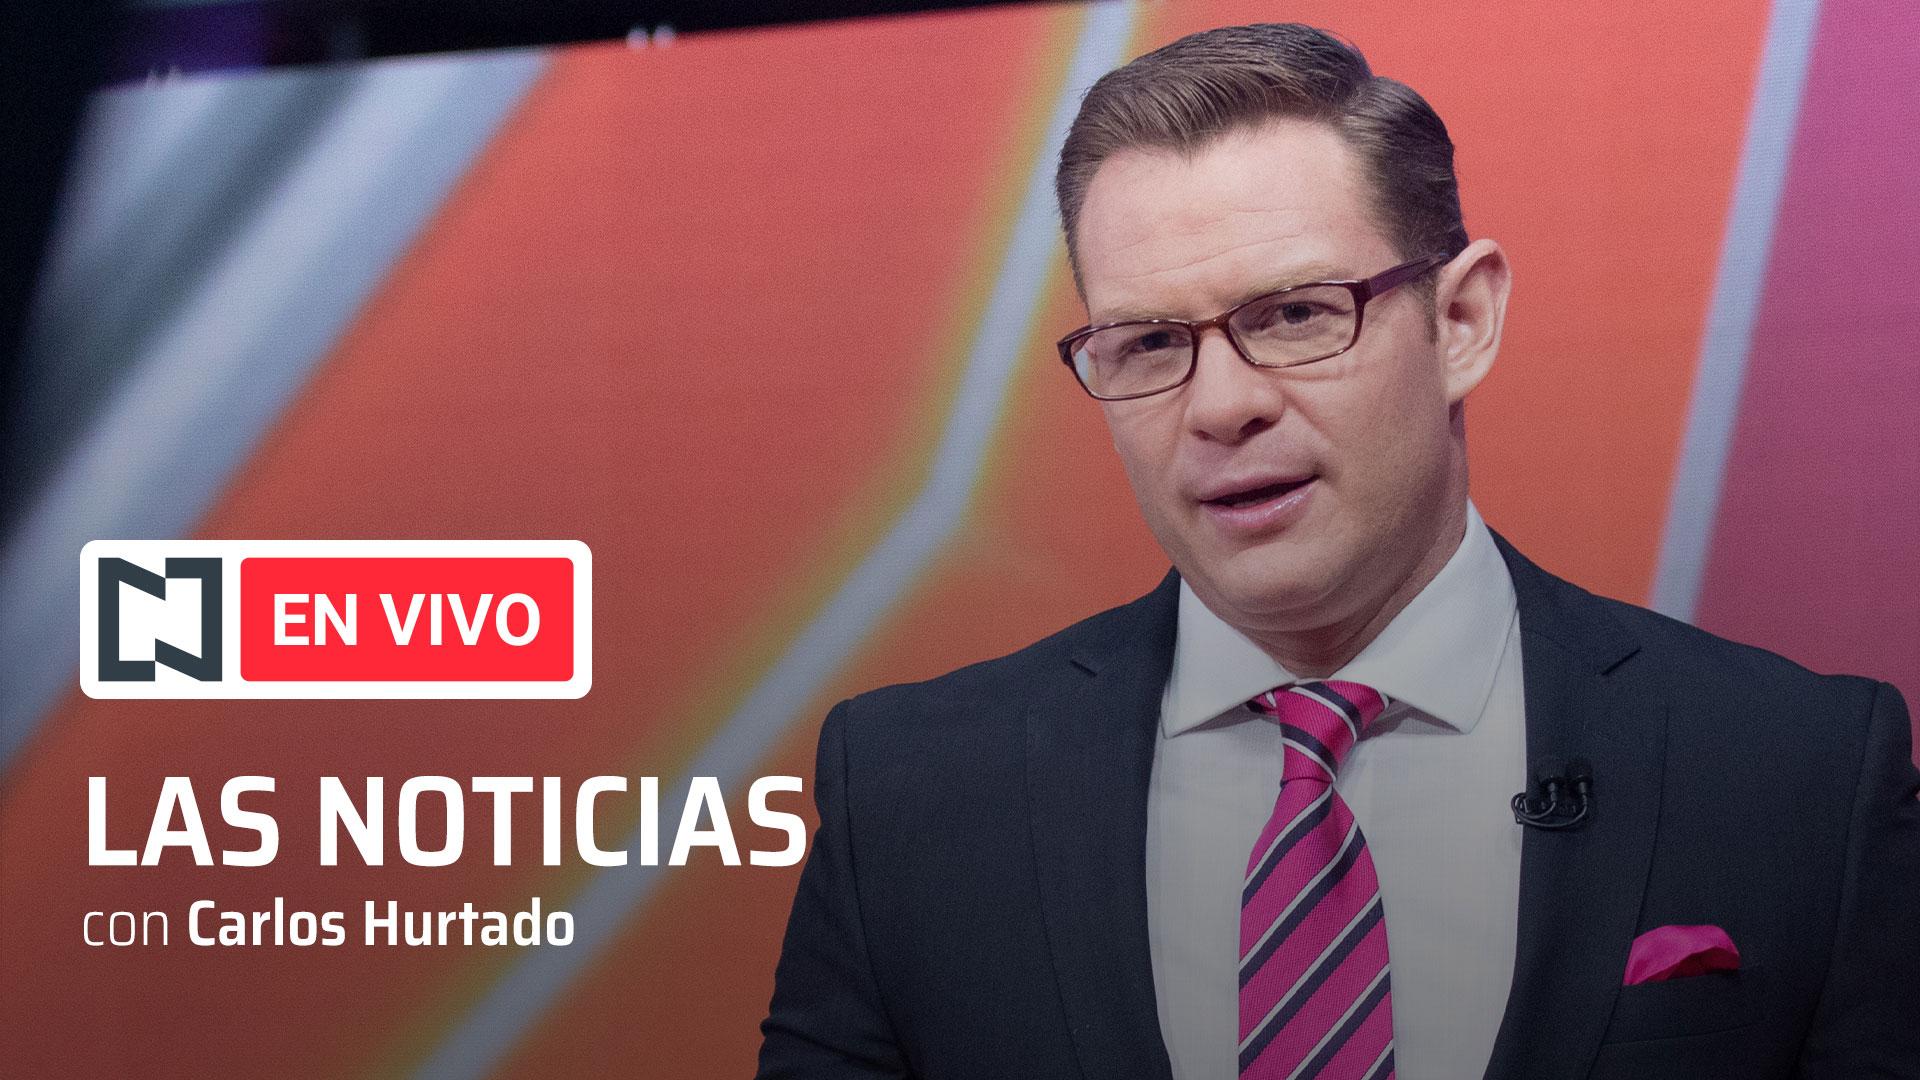 Las Noticias con Carlos Hurtado